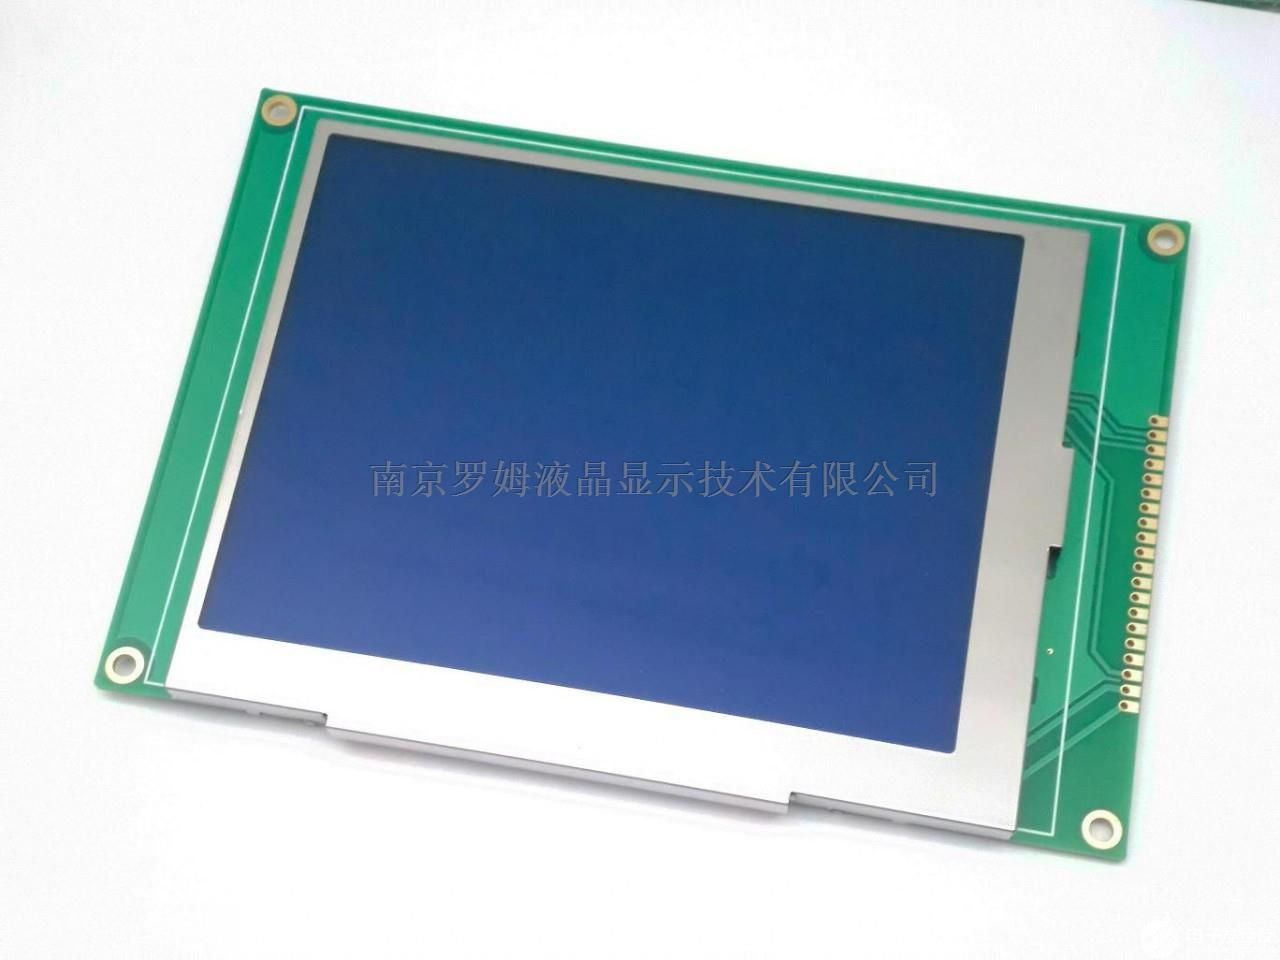 工业LCD显示屏静电防护措施,它的注意事项有哪些